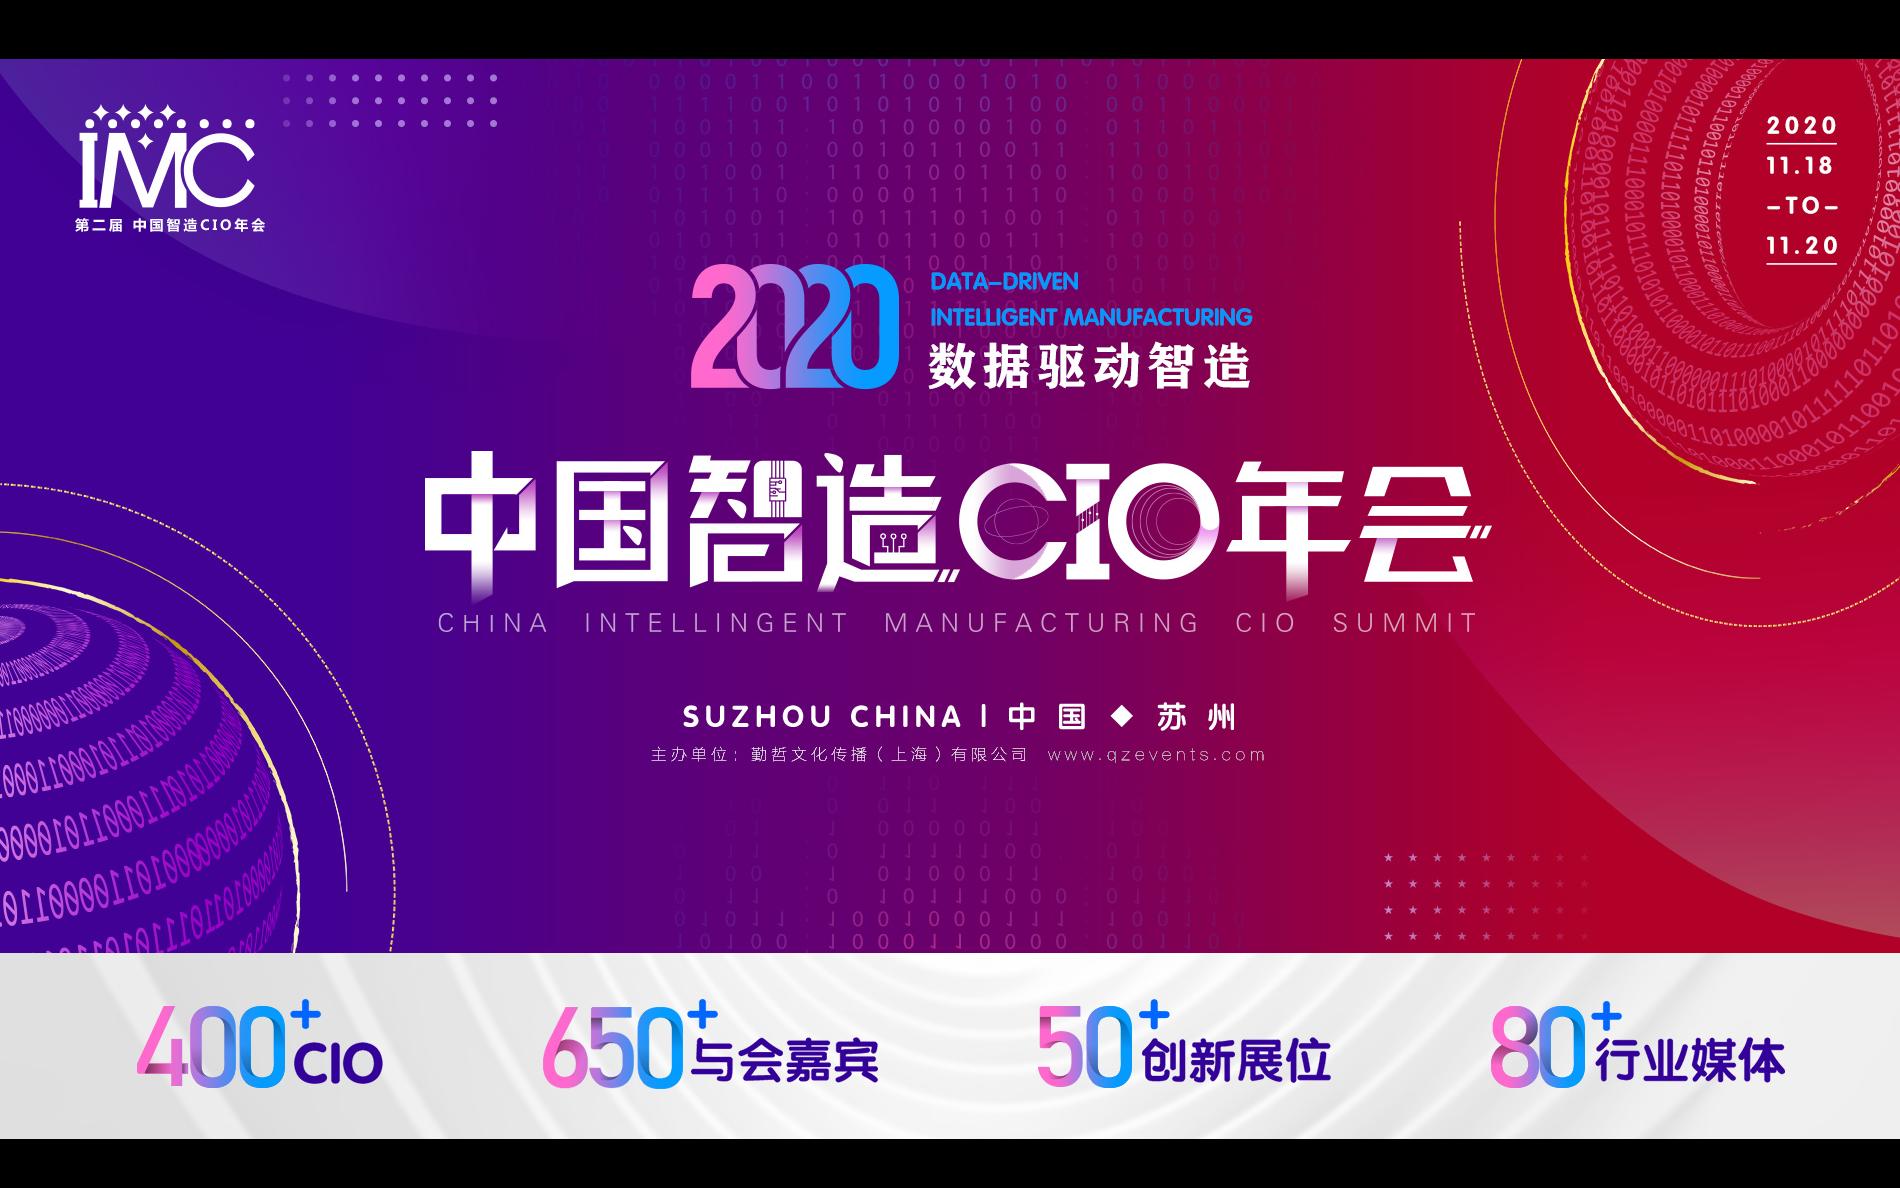 数据驱动,智造未来—IMC 2020第二届中国智造CIO年会